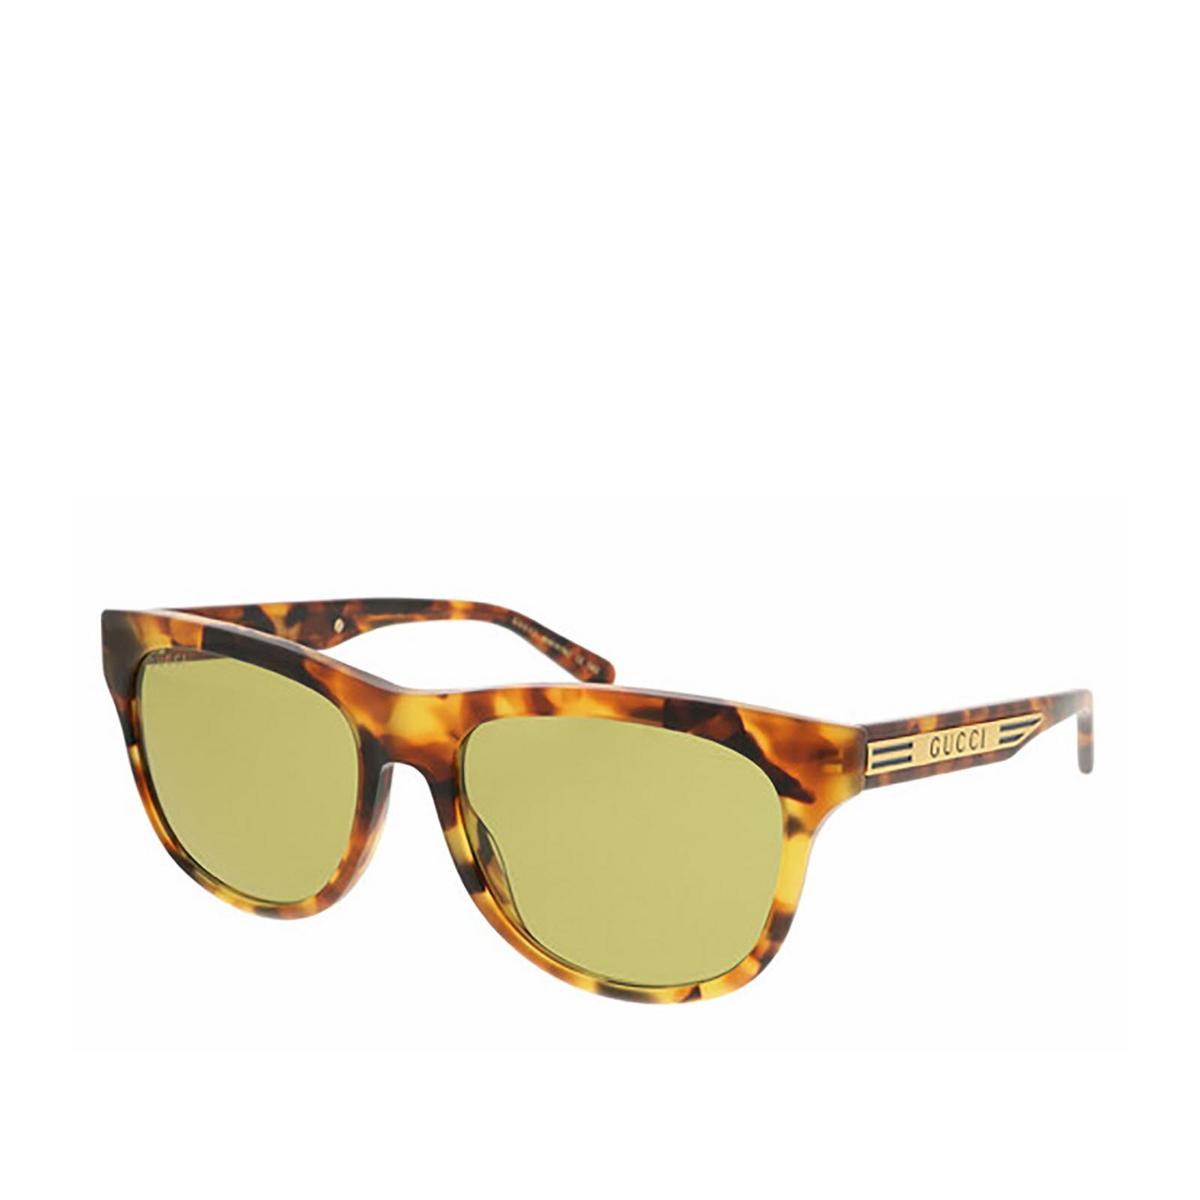 Gucci® Square Sunglasses: GG0980S color Havana 003 - 2/2.